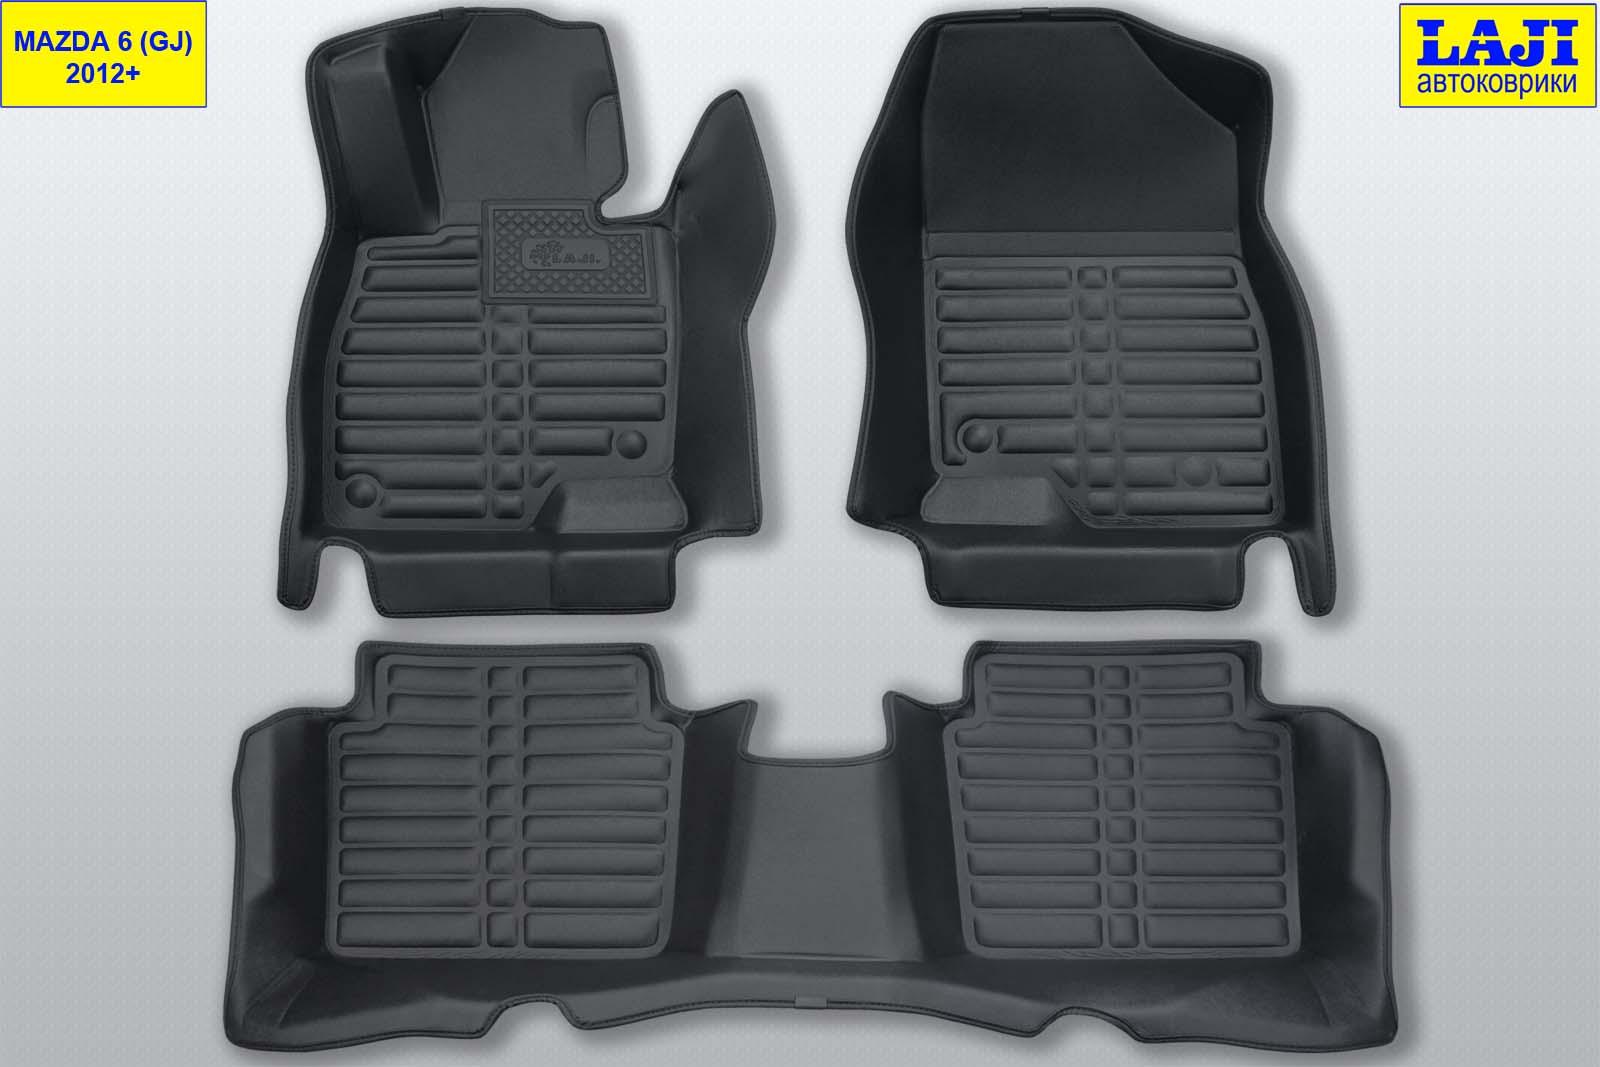 5D коврики в салон Mazda 6 GJ 2012-н.в. 1